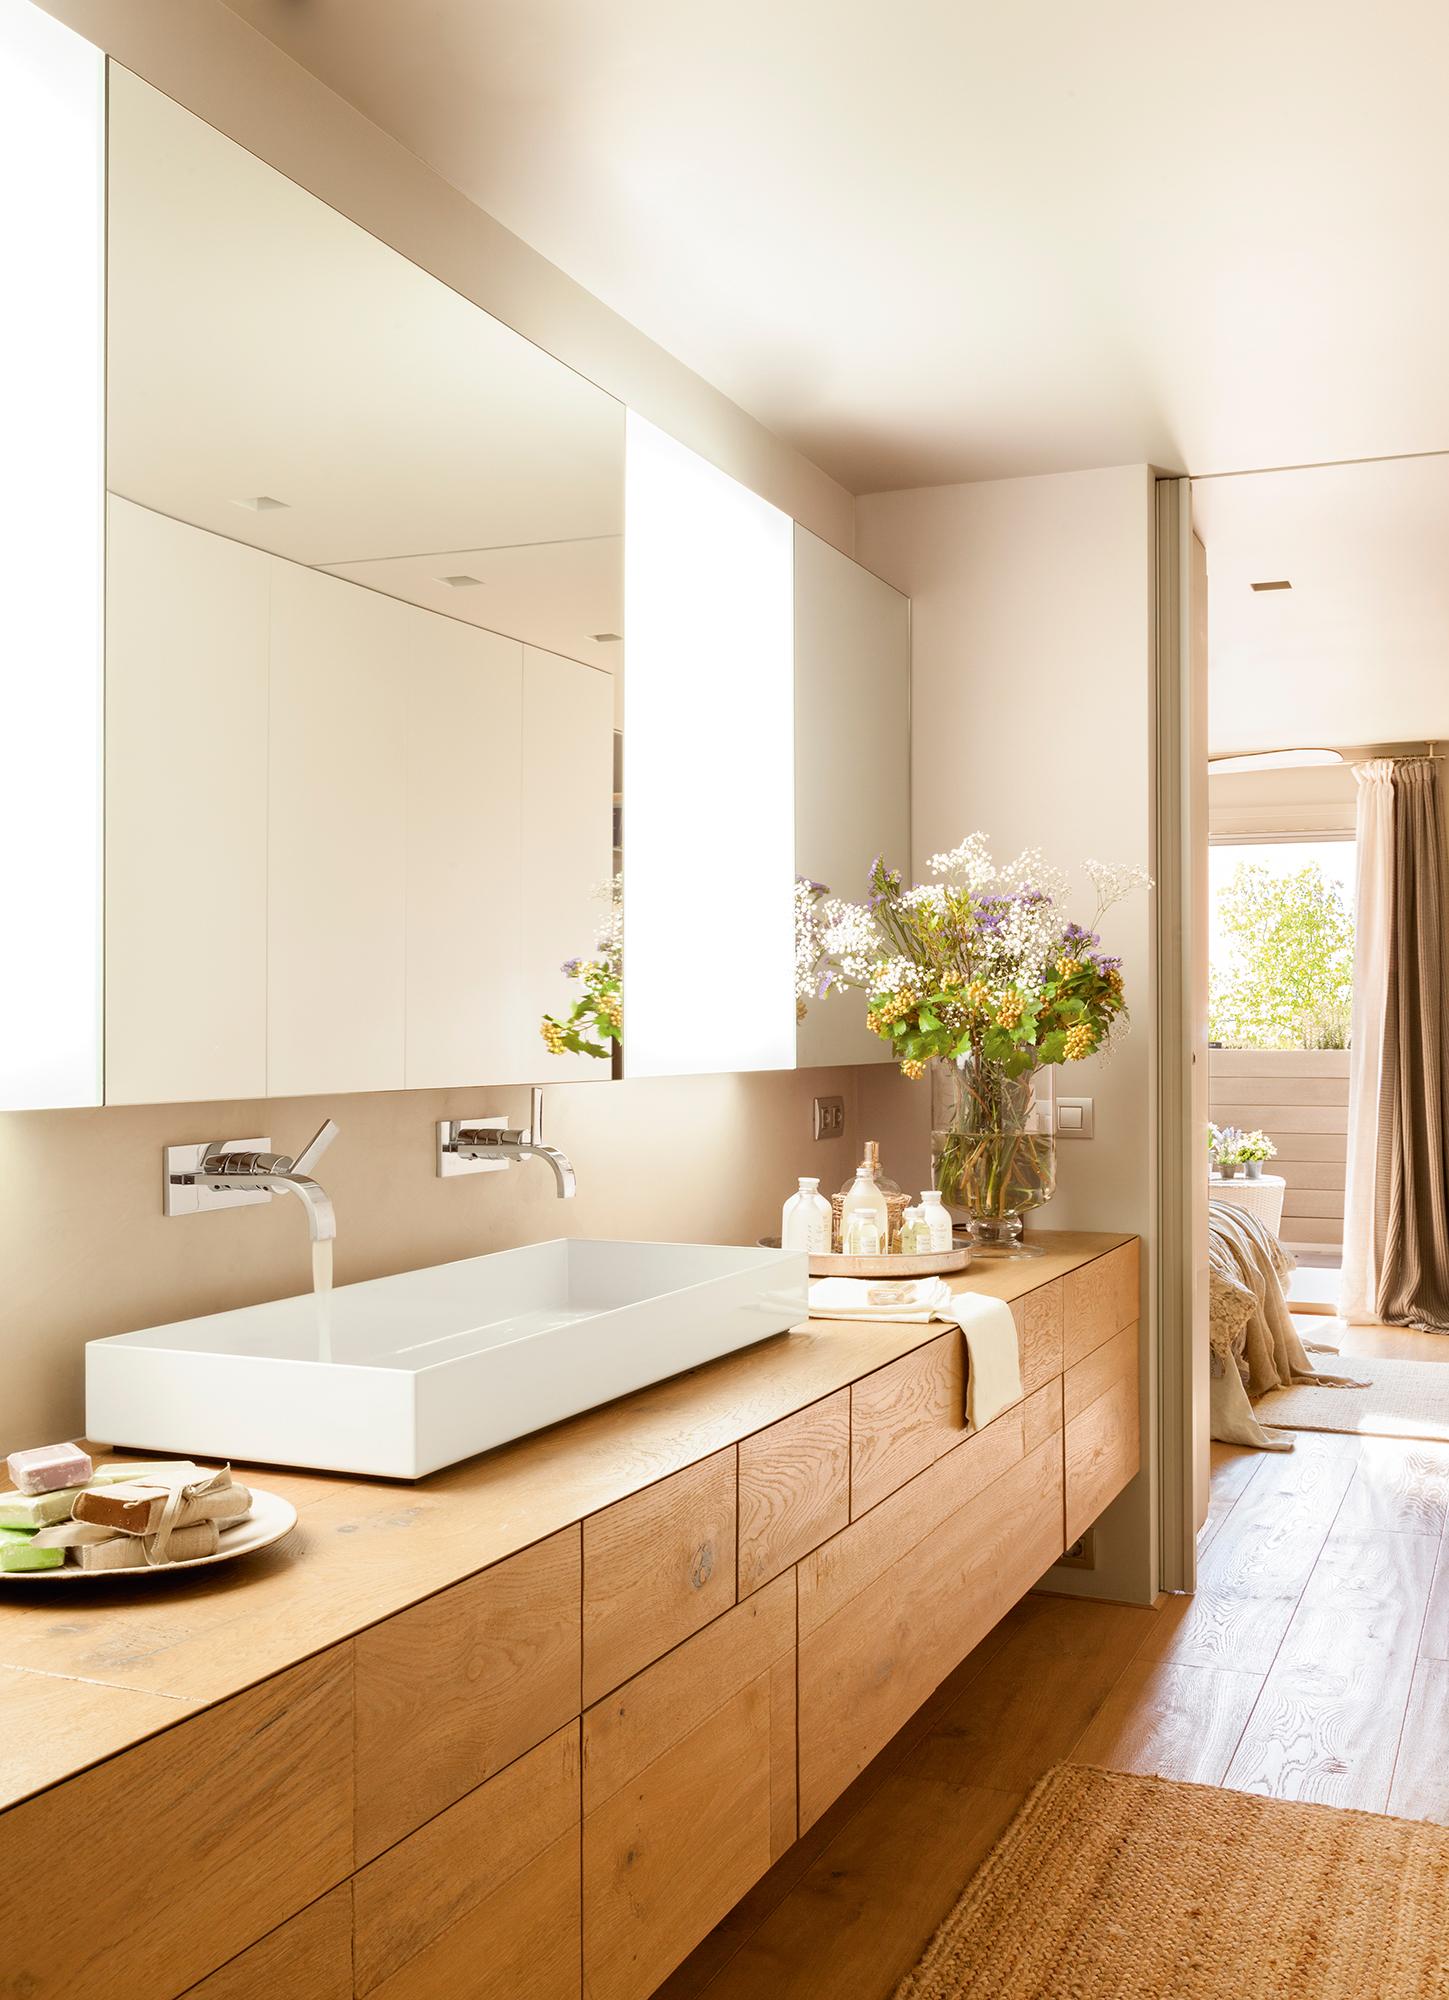 Sanitarios claves para elegir el lavamanos y el inodoro for Mueble lavabo moderno